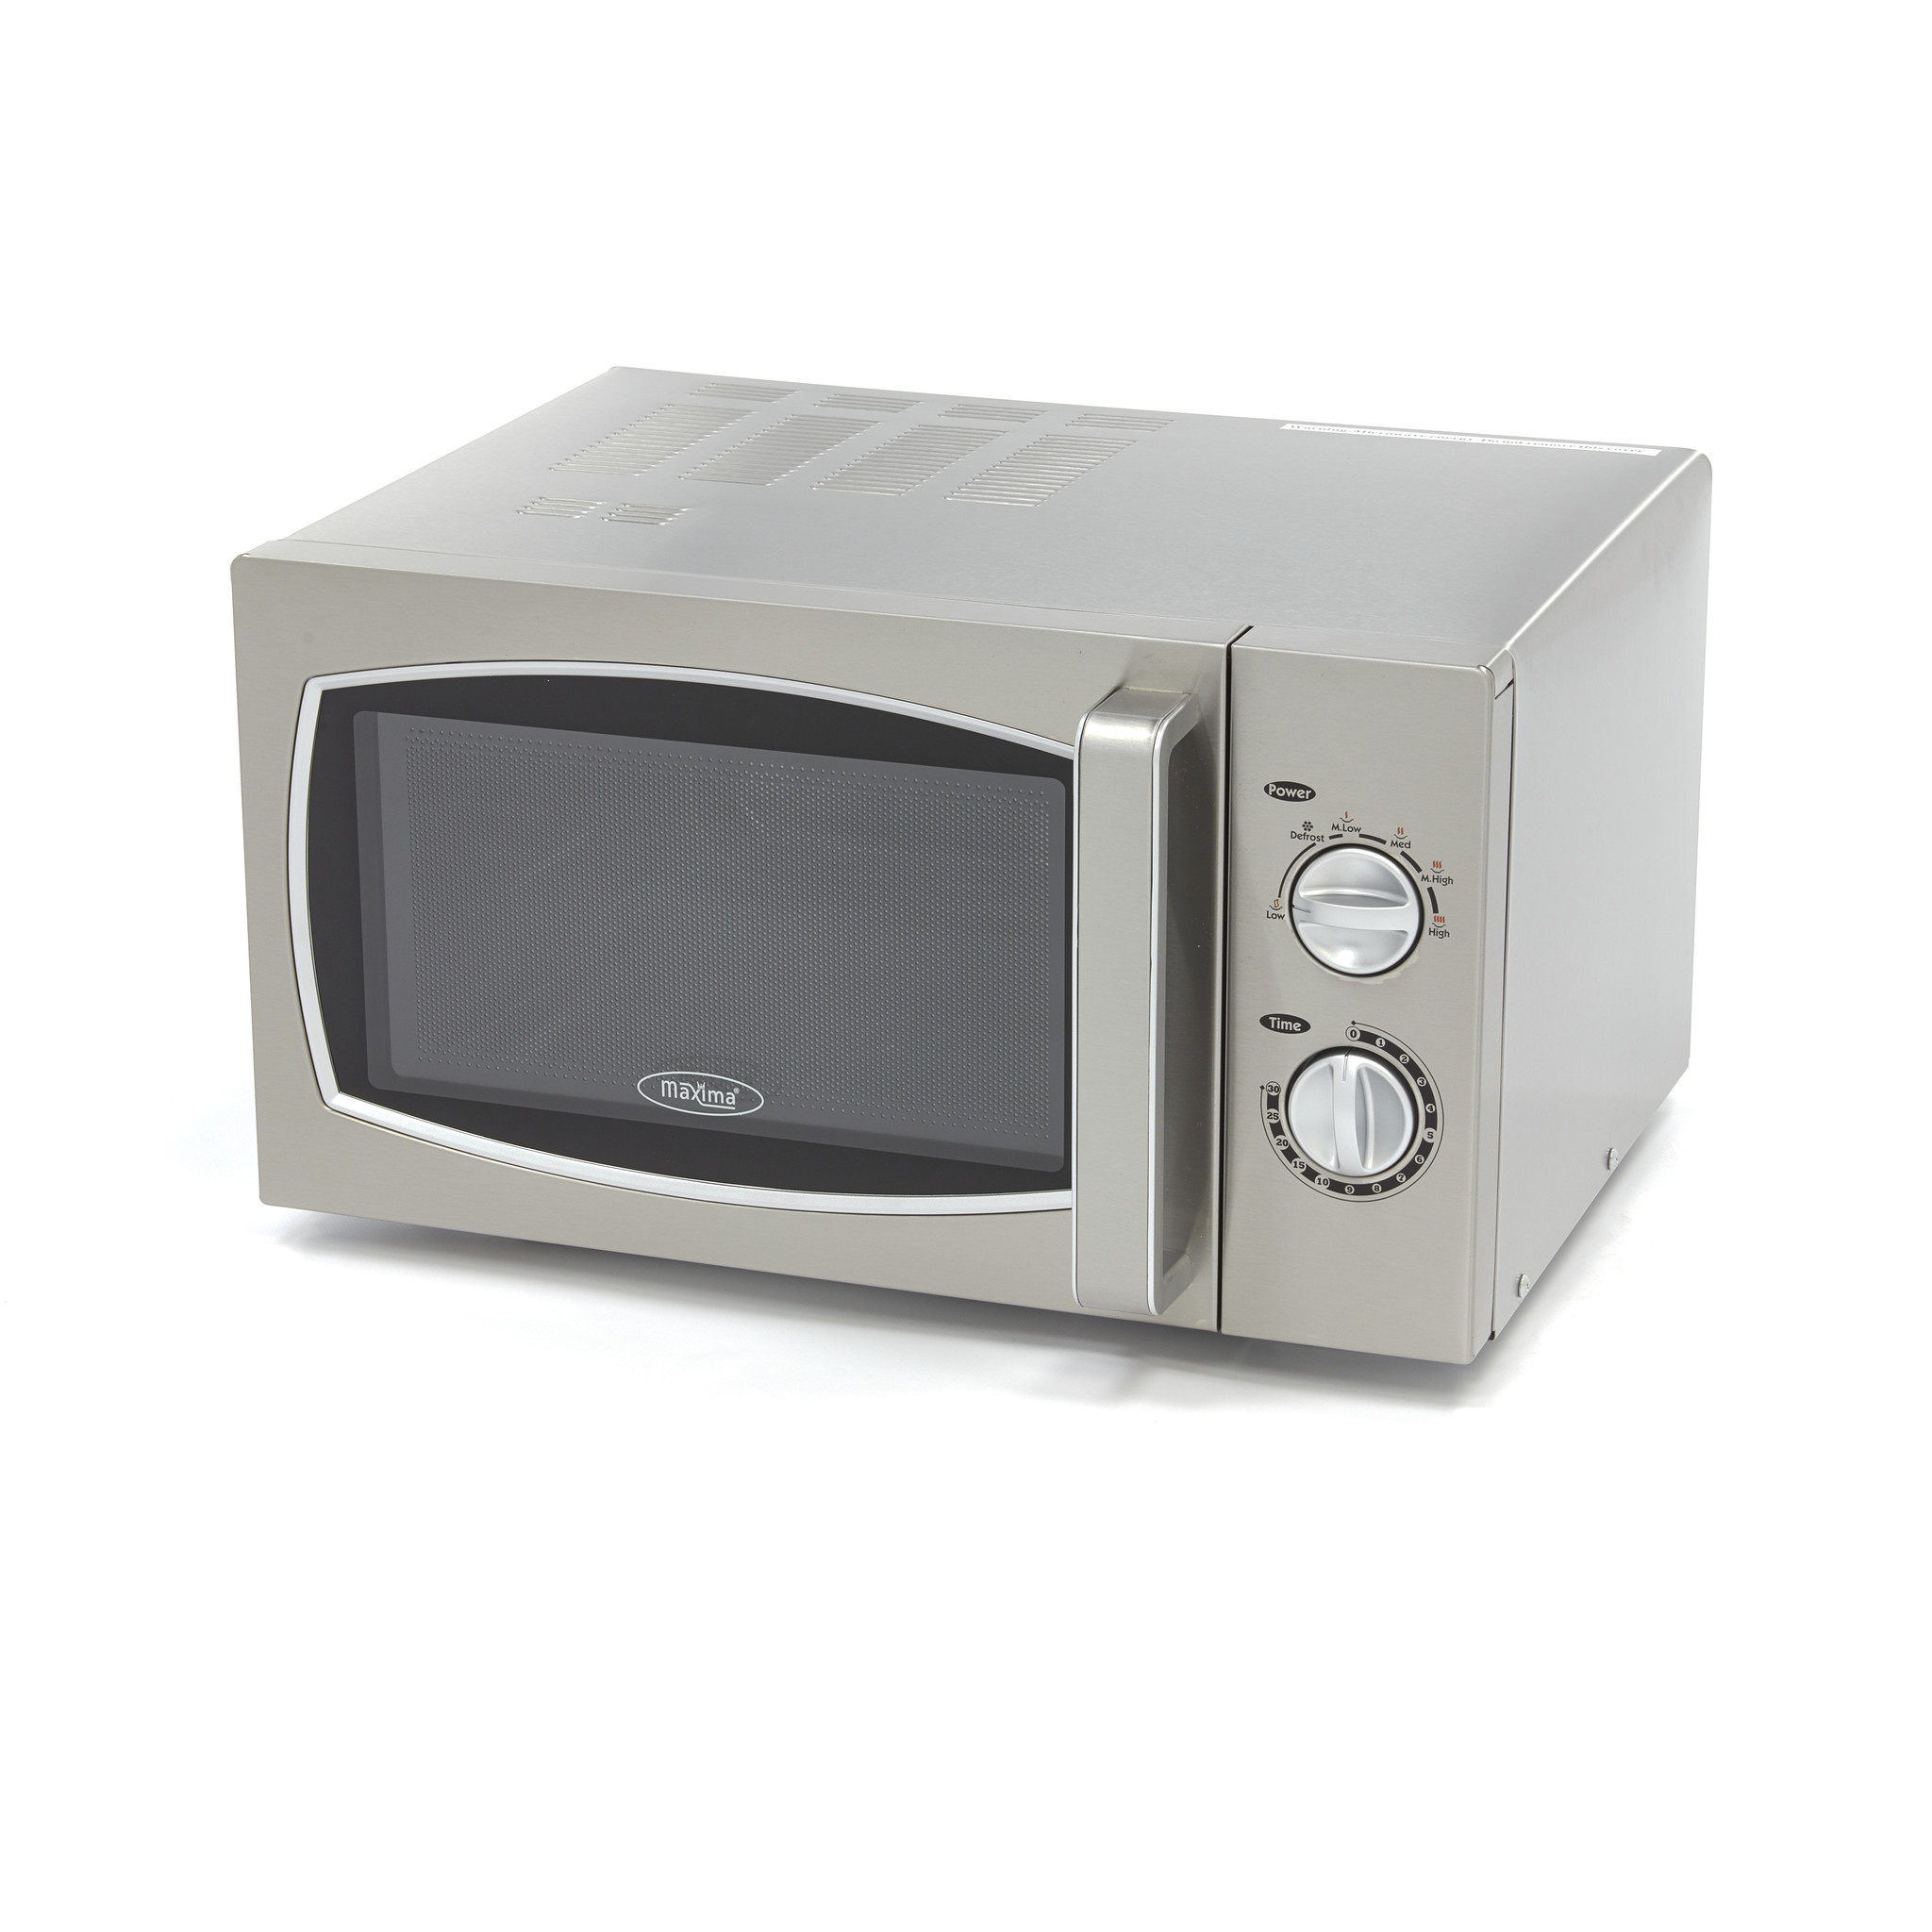 maxima-semi-professional-microwave-25l-900w